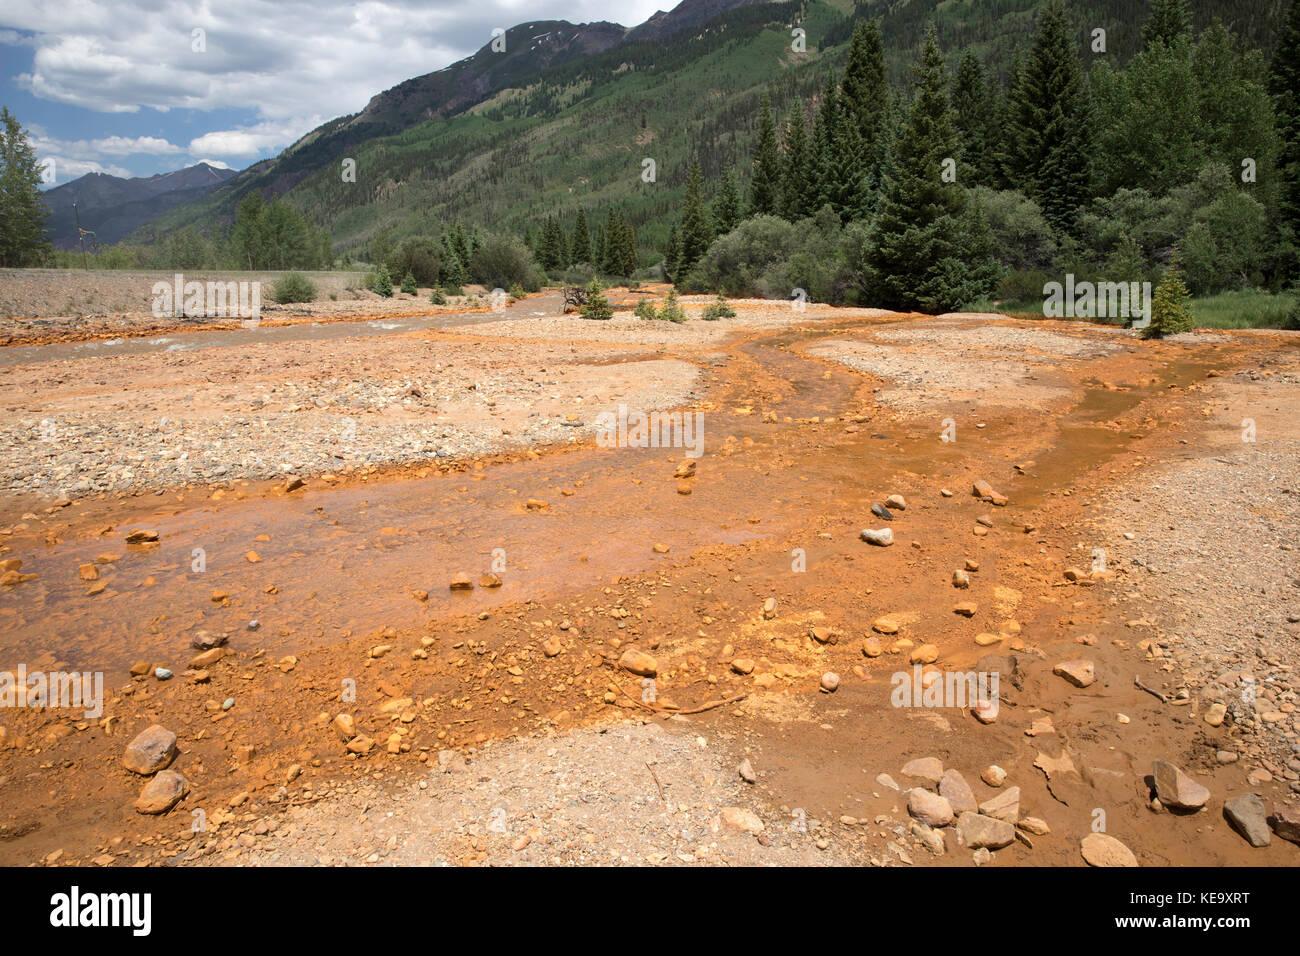 Inquinamento delle acque, runoff dal rosso Miniera di montagna, Ouray County, Colorado, STATI UNITI D'AMERICA Immagini Stock